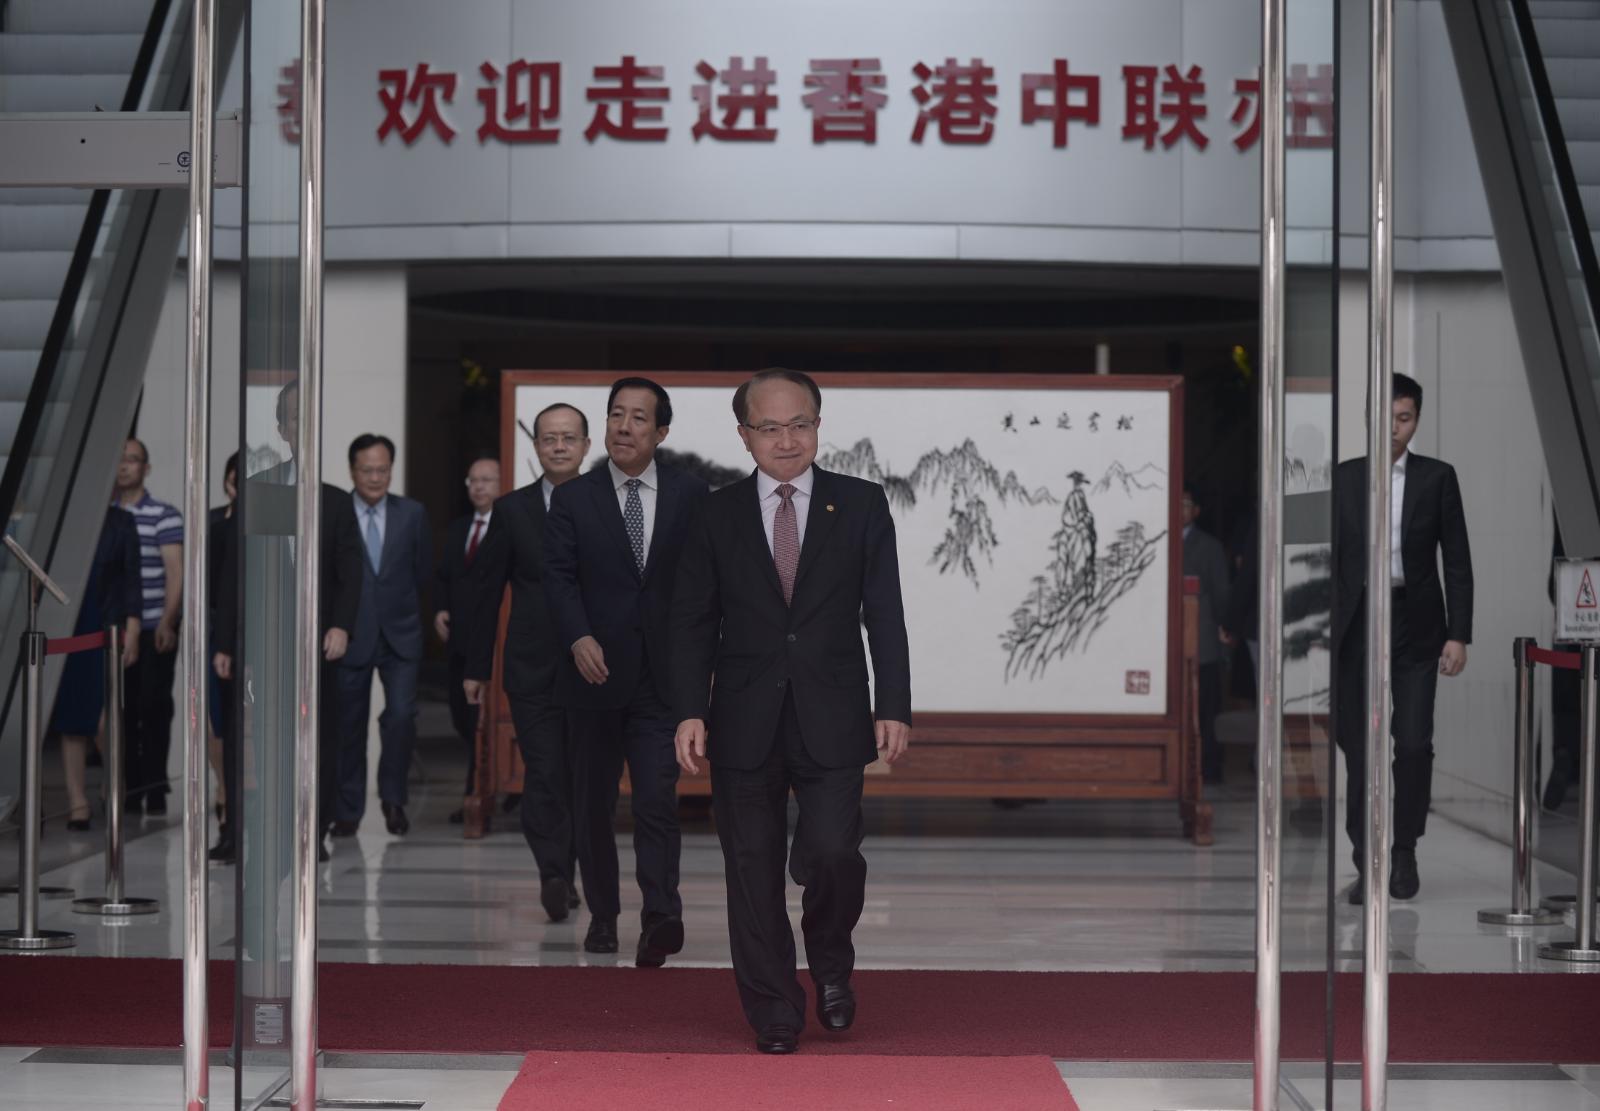 王志民指示威的行為,嚴重損害了香港非常珍貴的法治精神。